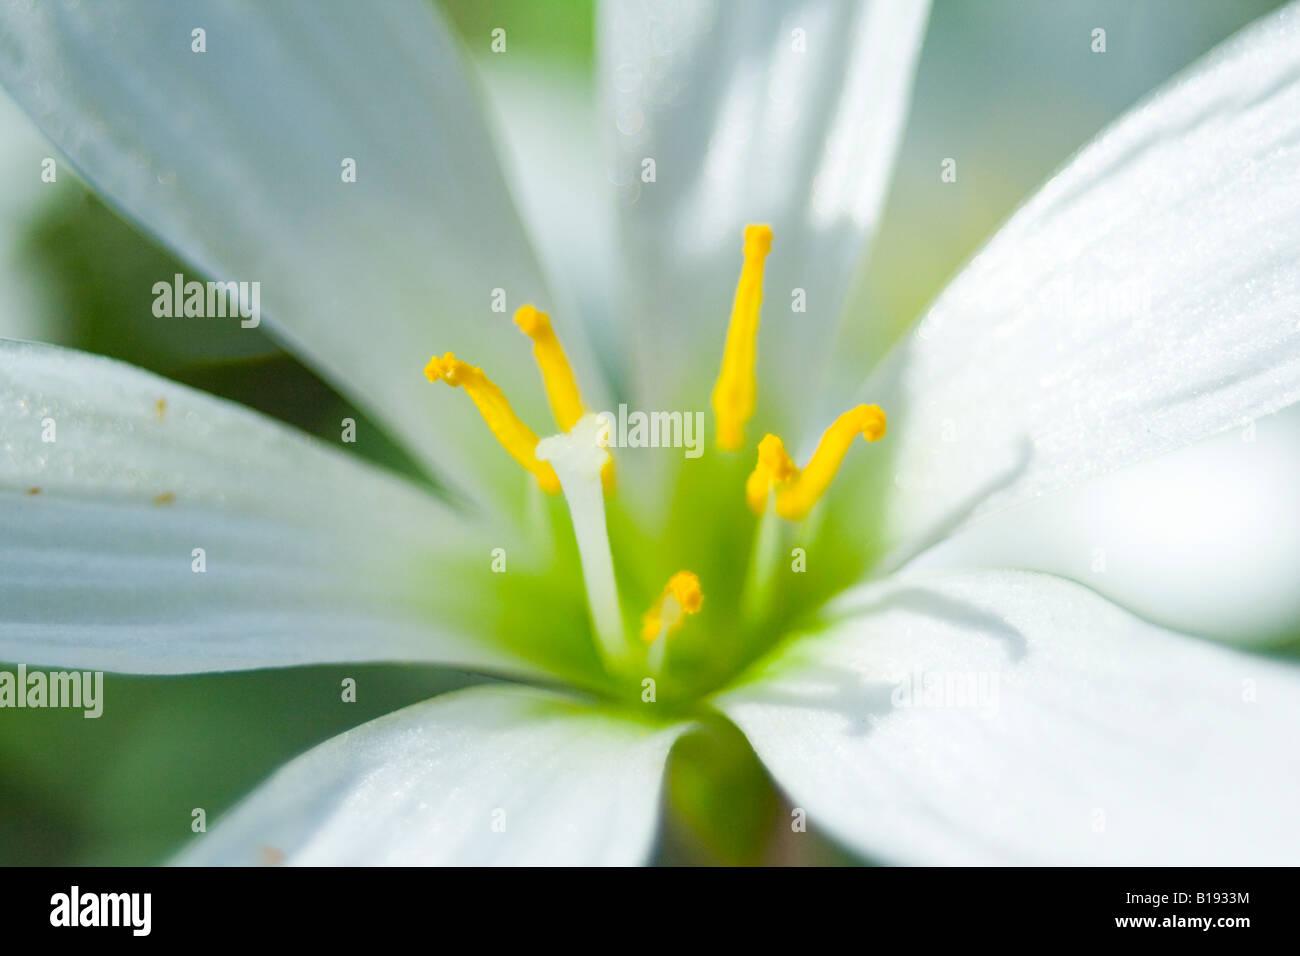 zephyranthes candida - Stock Image